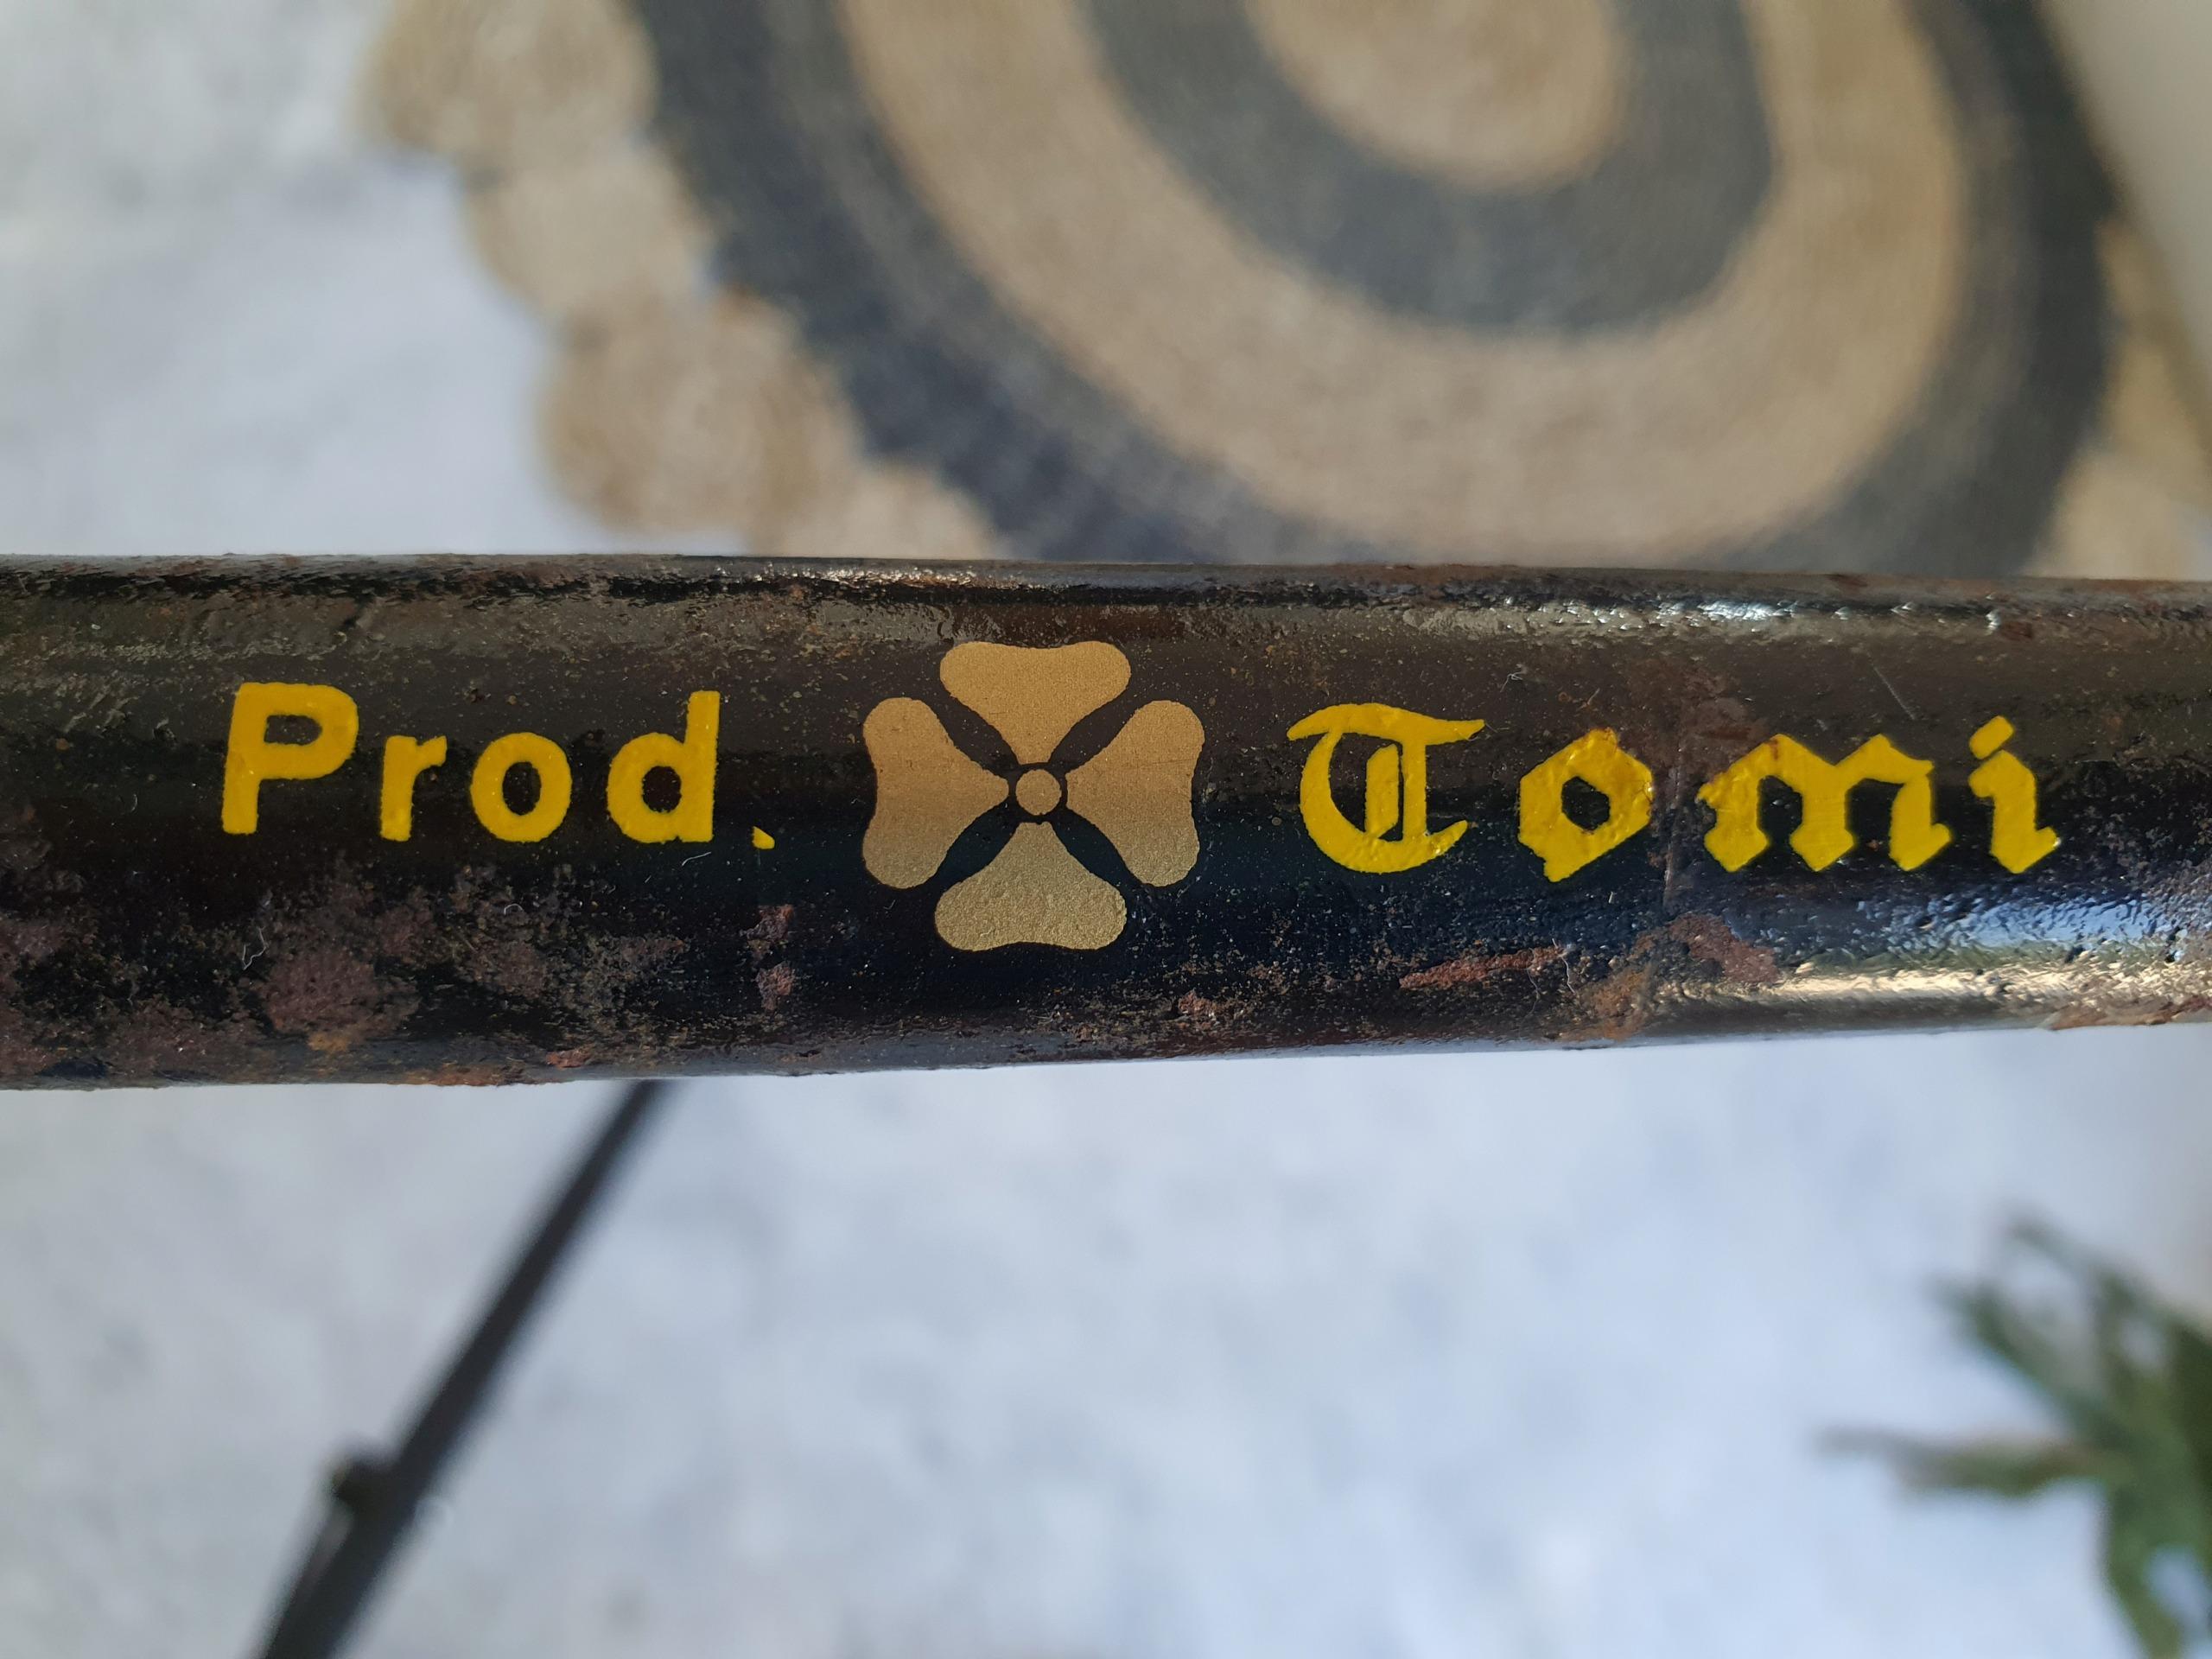 Restauration vélo TOMI 1977 (peut être). Cadre - peinture ou pas? 20211010